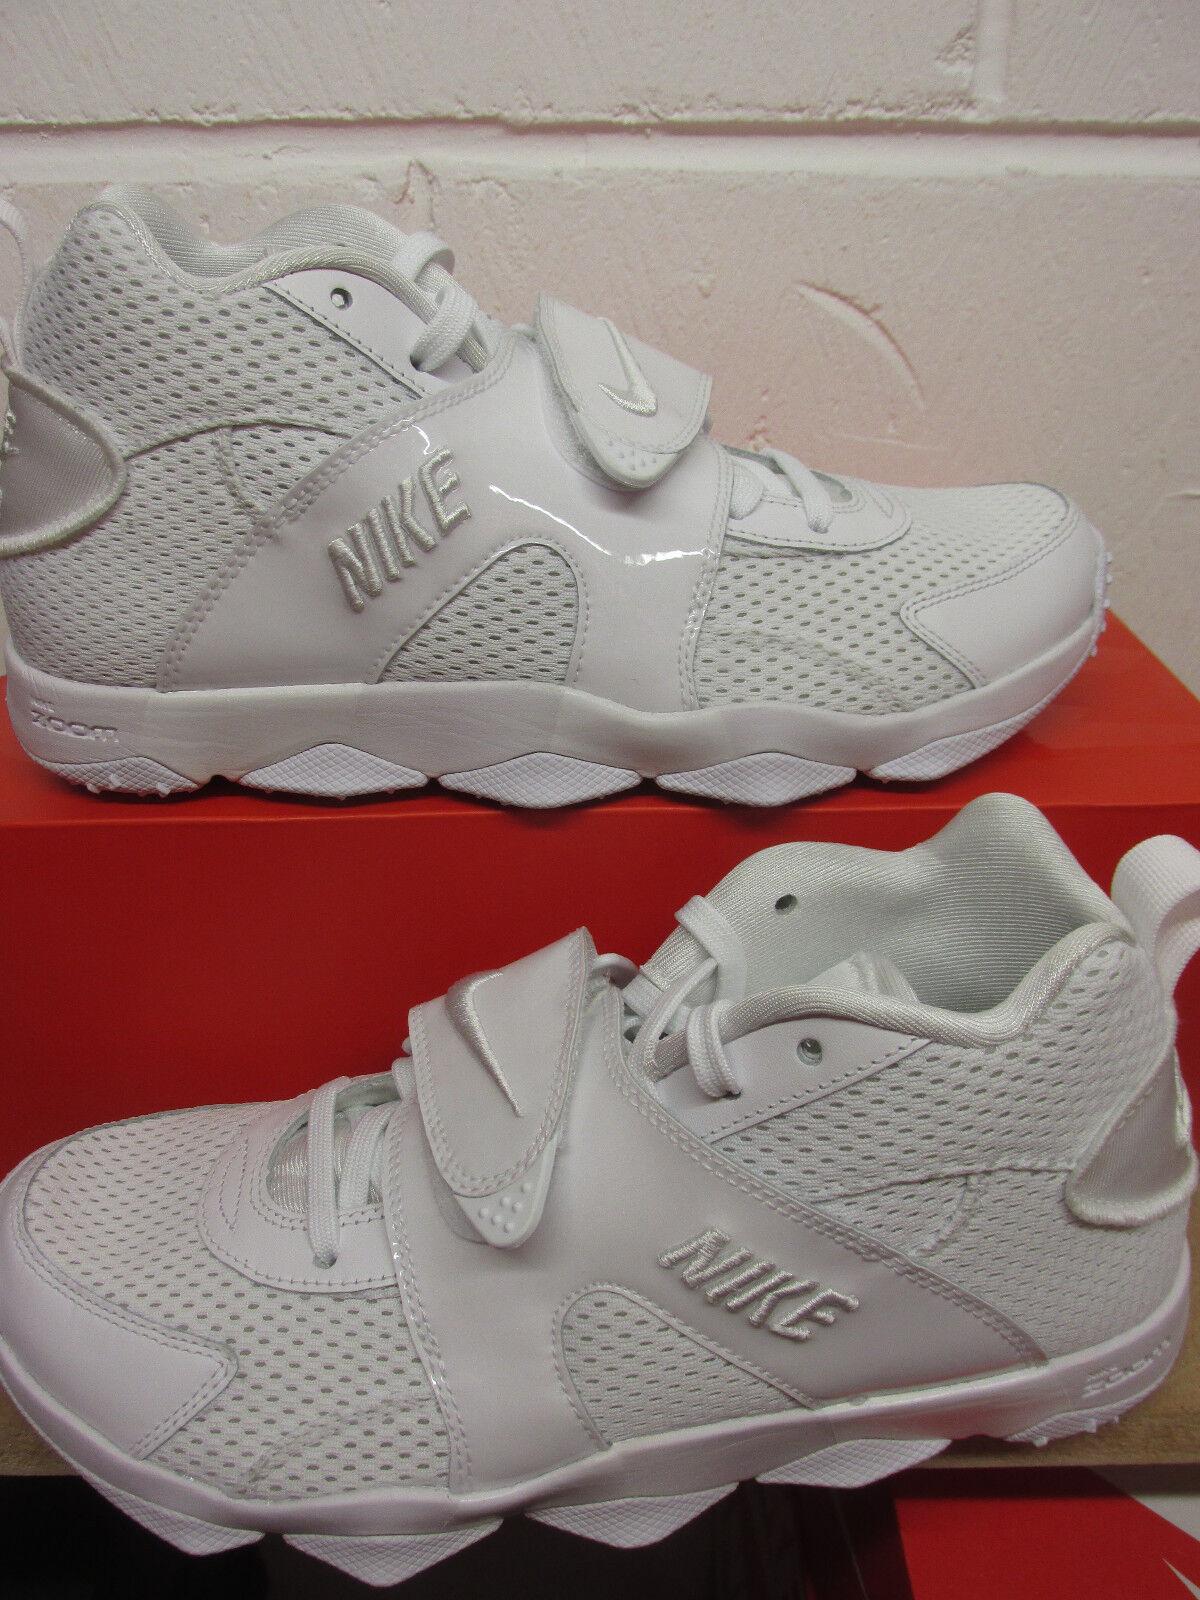 Nike Zoom Veer Uomo Hi Top Trainers 844675 100  Shoes